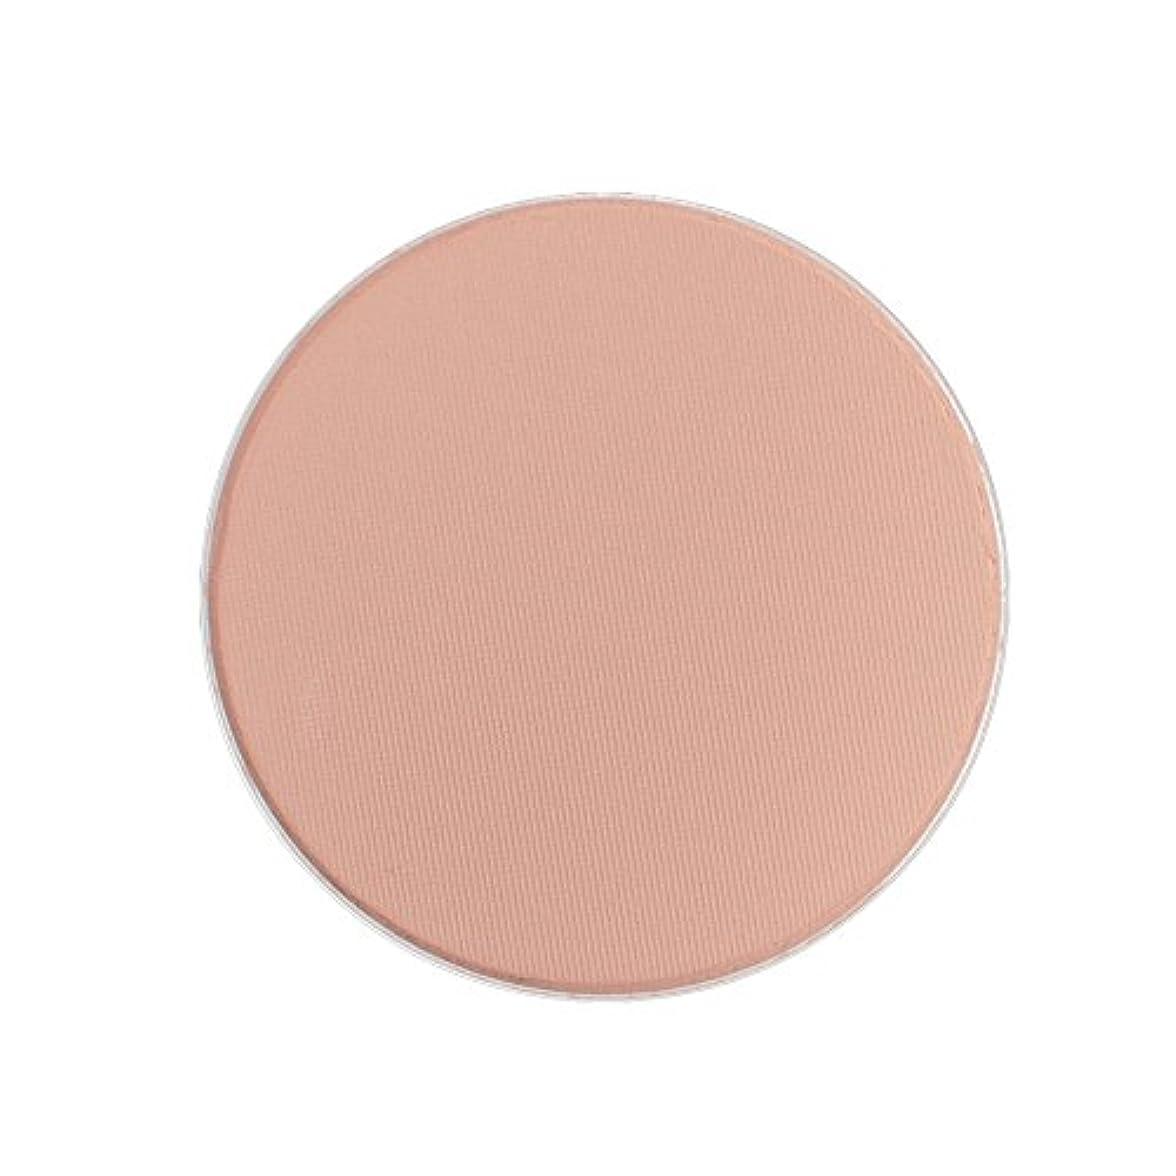 乳剤ペリスコープ以上LIMANATURAL(リマナチュラル) リマナチュラル ピュアUVモイスチャーパクト 詰替用 216・ピンク 16g ファンデーション ピンク(216)